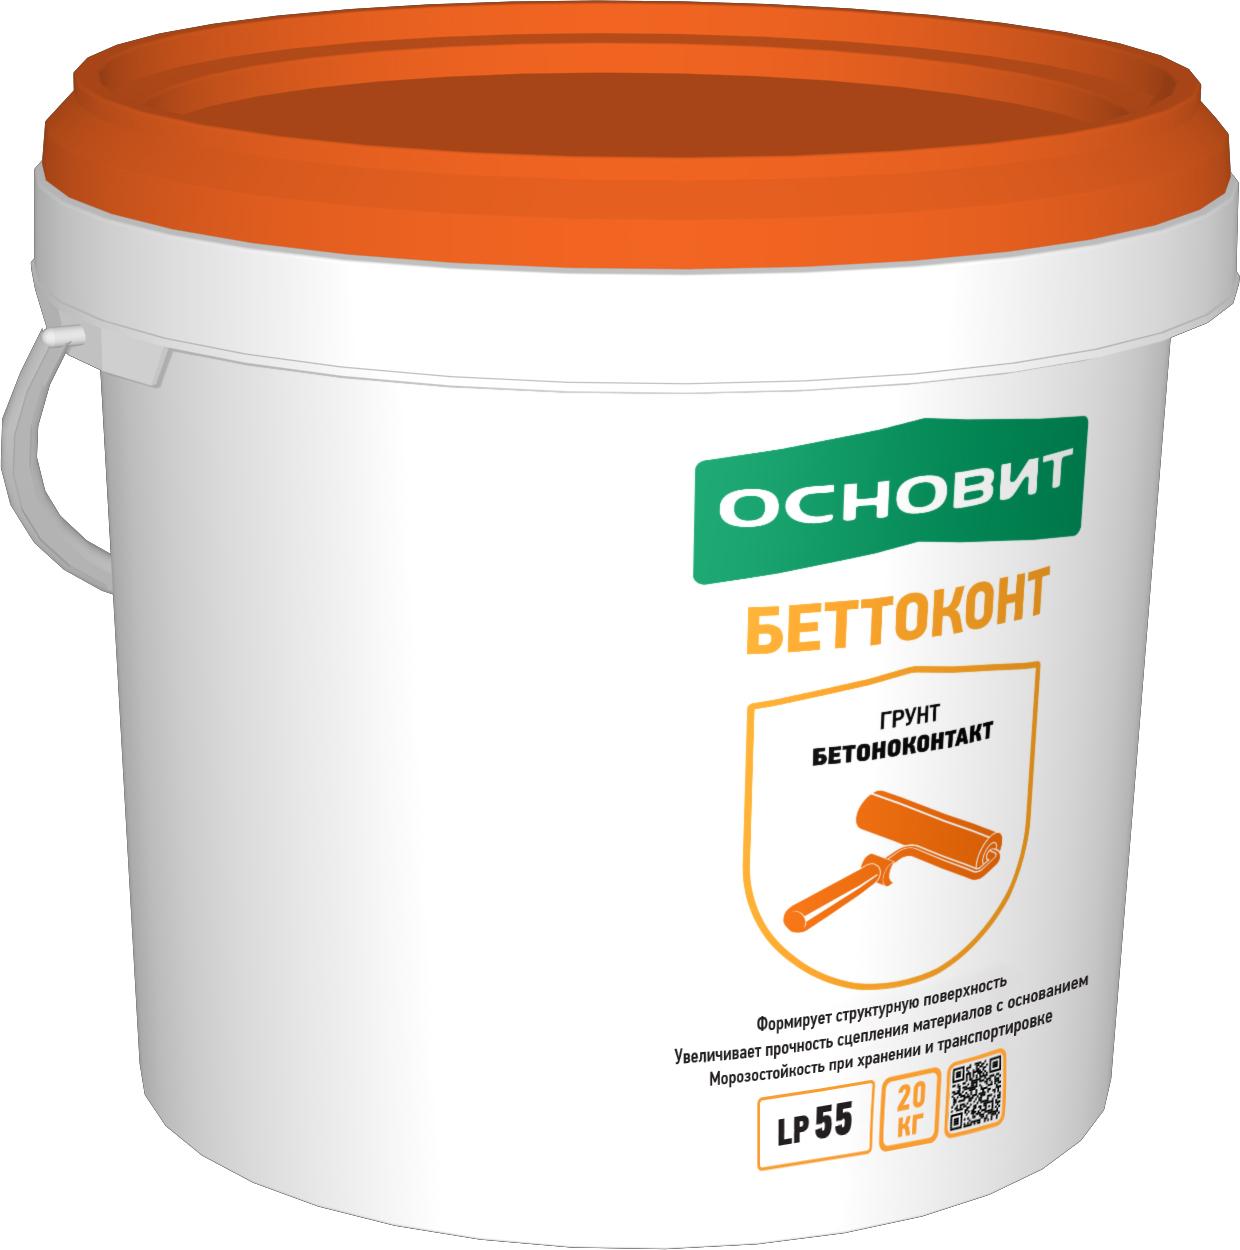 Купить Грунт адгезионный Основит Беттоконт LP55, 20 кг — Фото №1